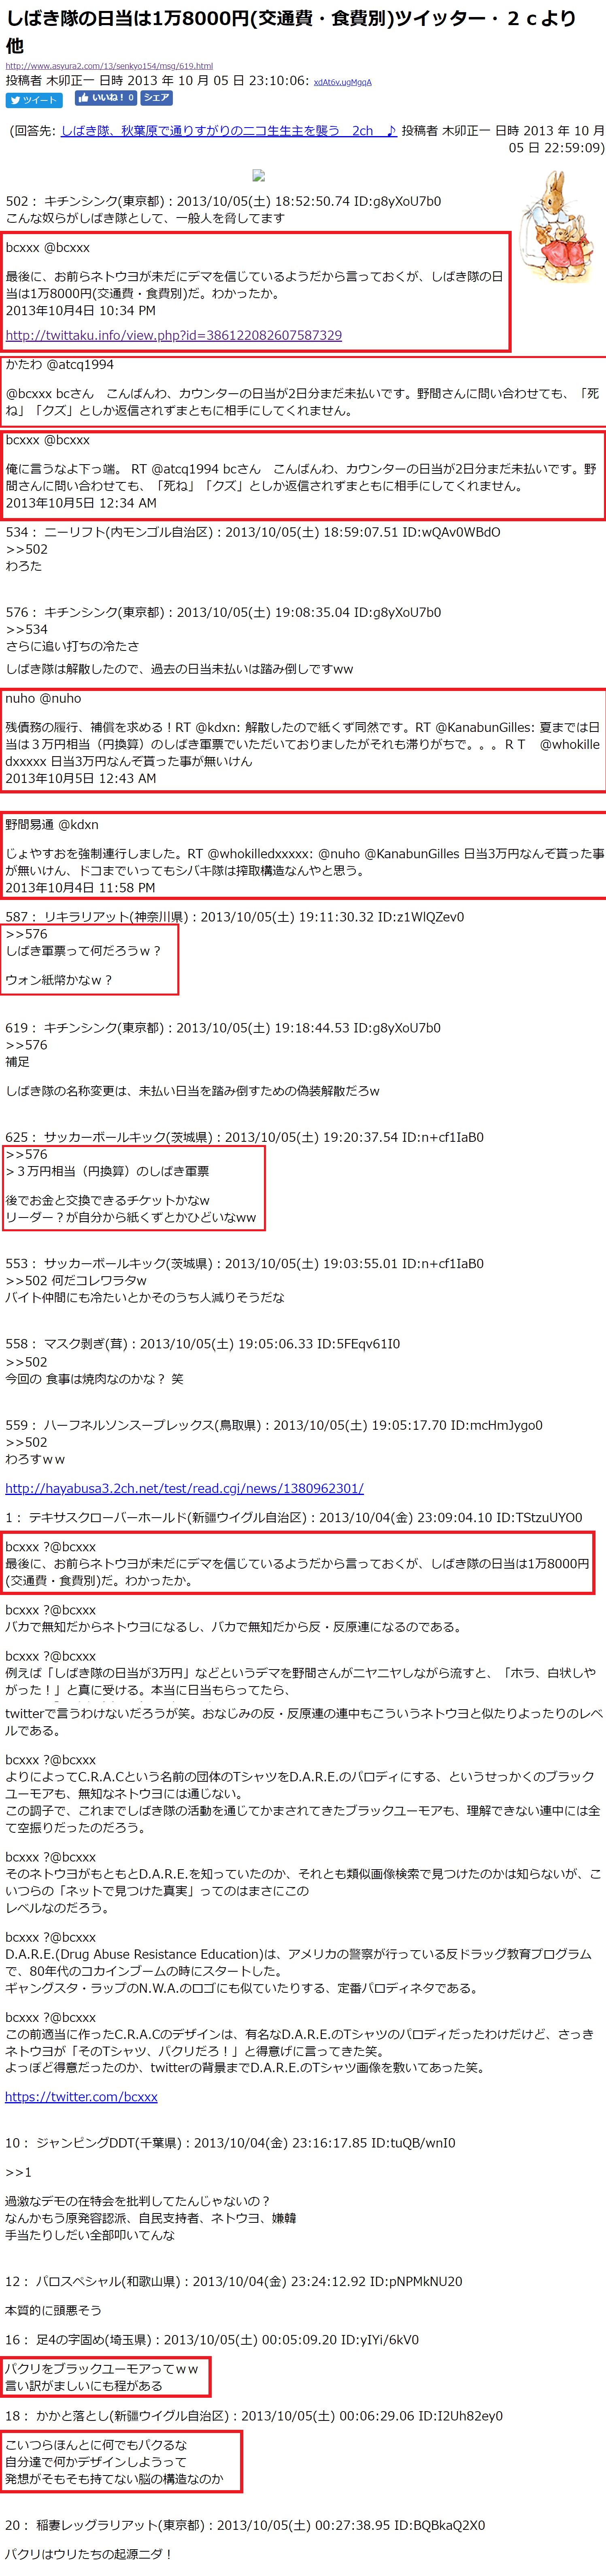 しばき隊の日当は1万8000円(交通費・食費別)1 (1)